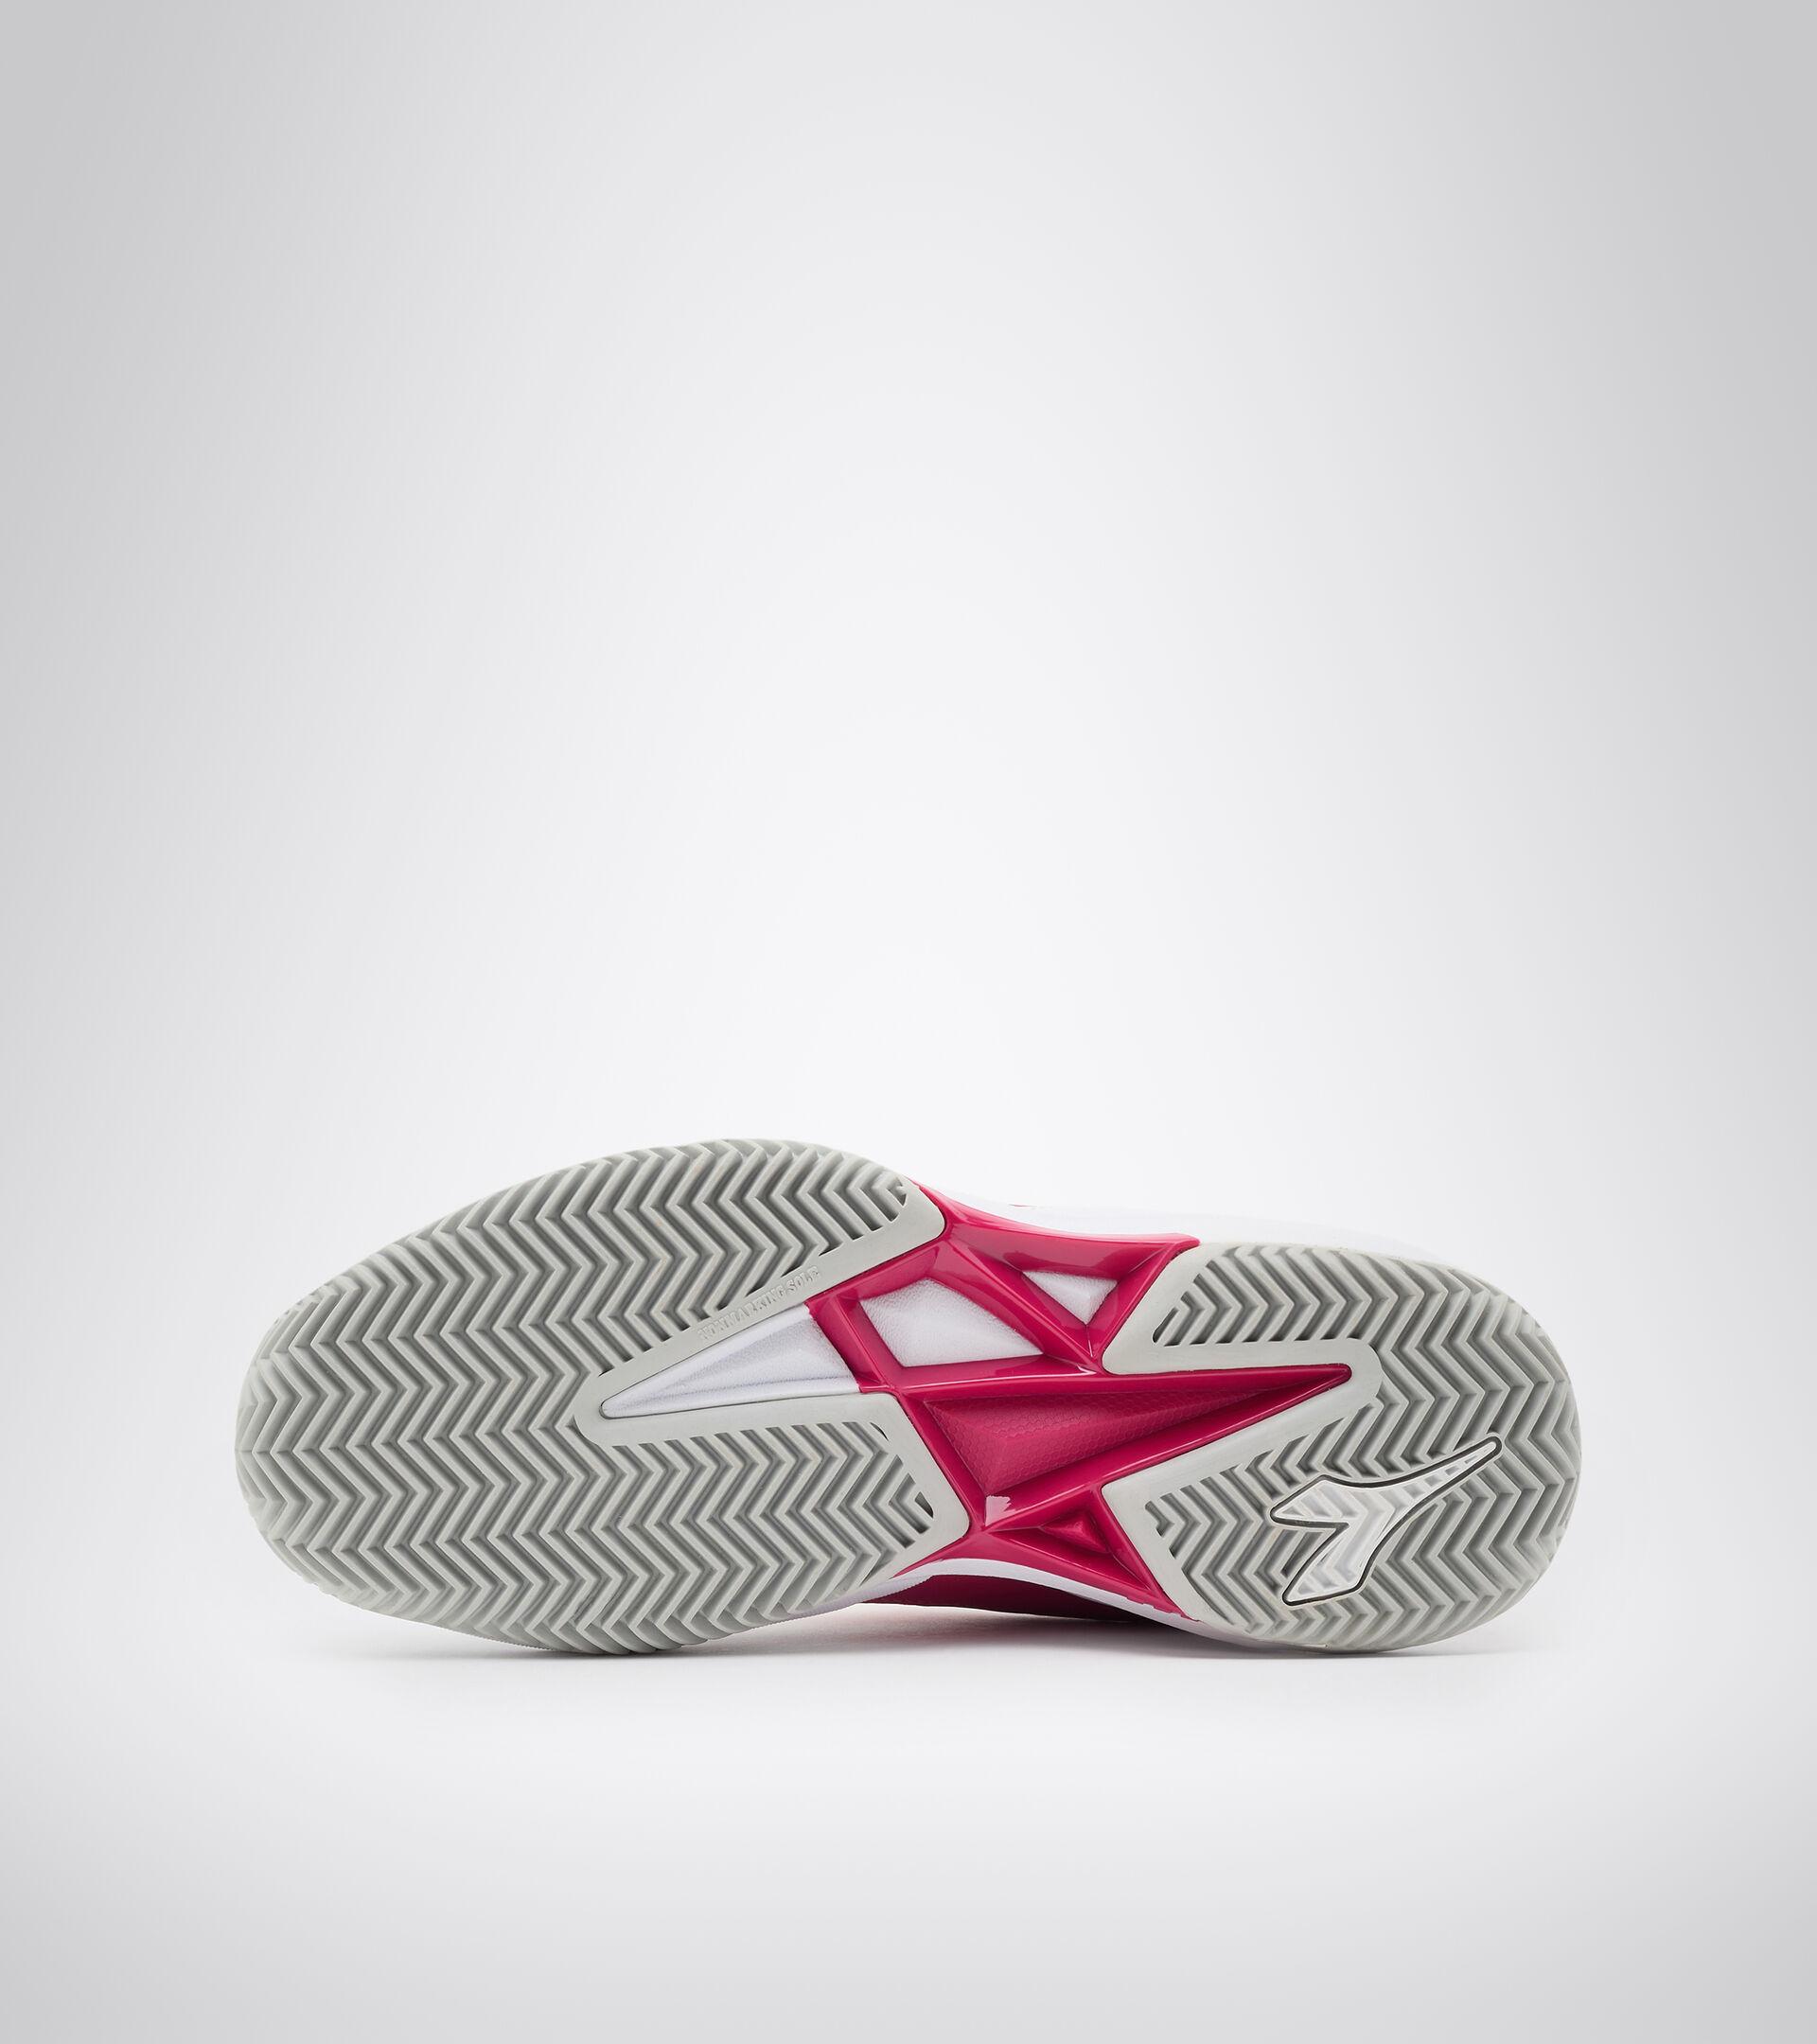 Chaussures de tennis pour terrains en terre battue - Femme S. CHALLENGE 3 W SL CLAY BLANC/ROSE BOYANT - Diadora